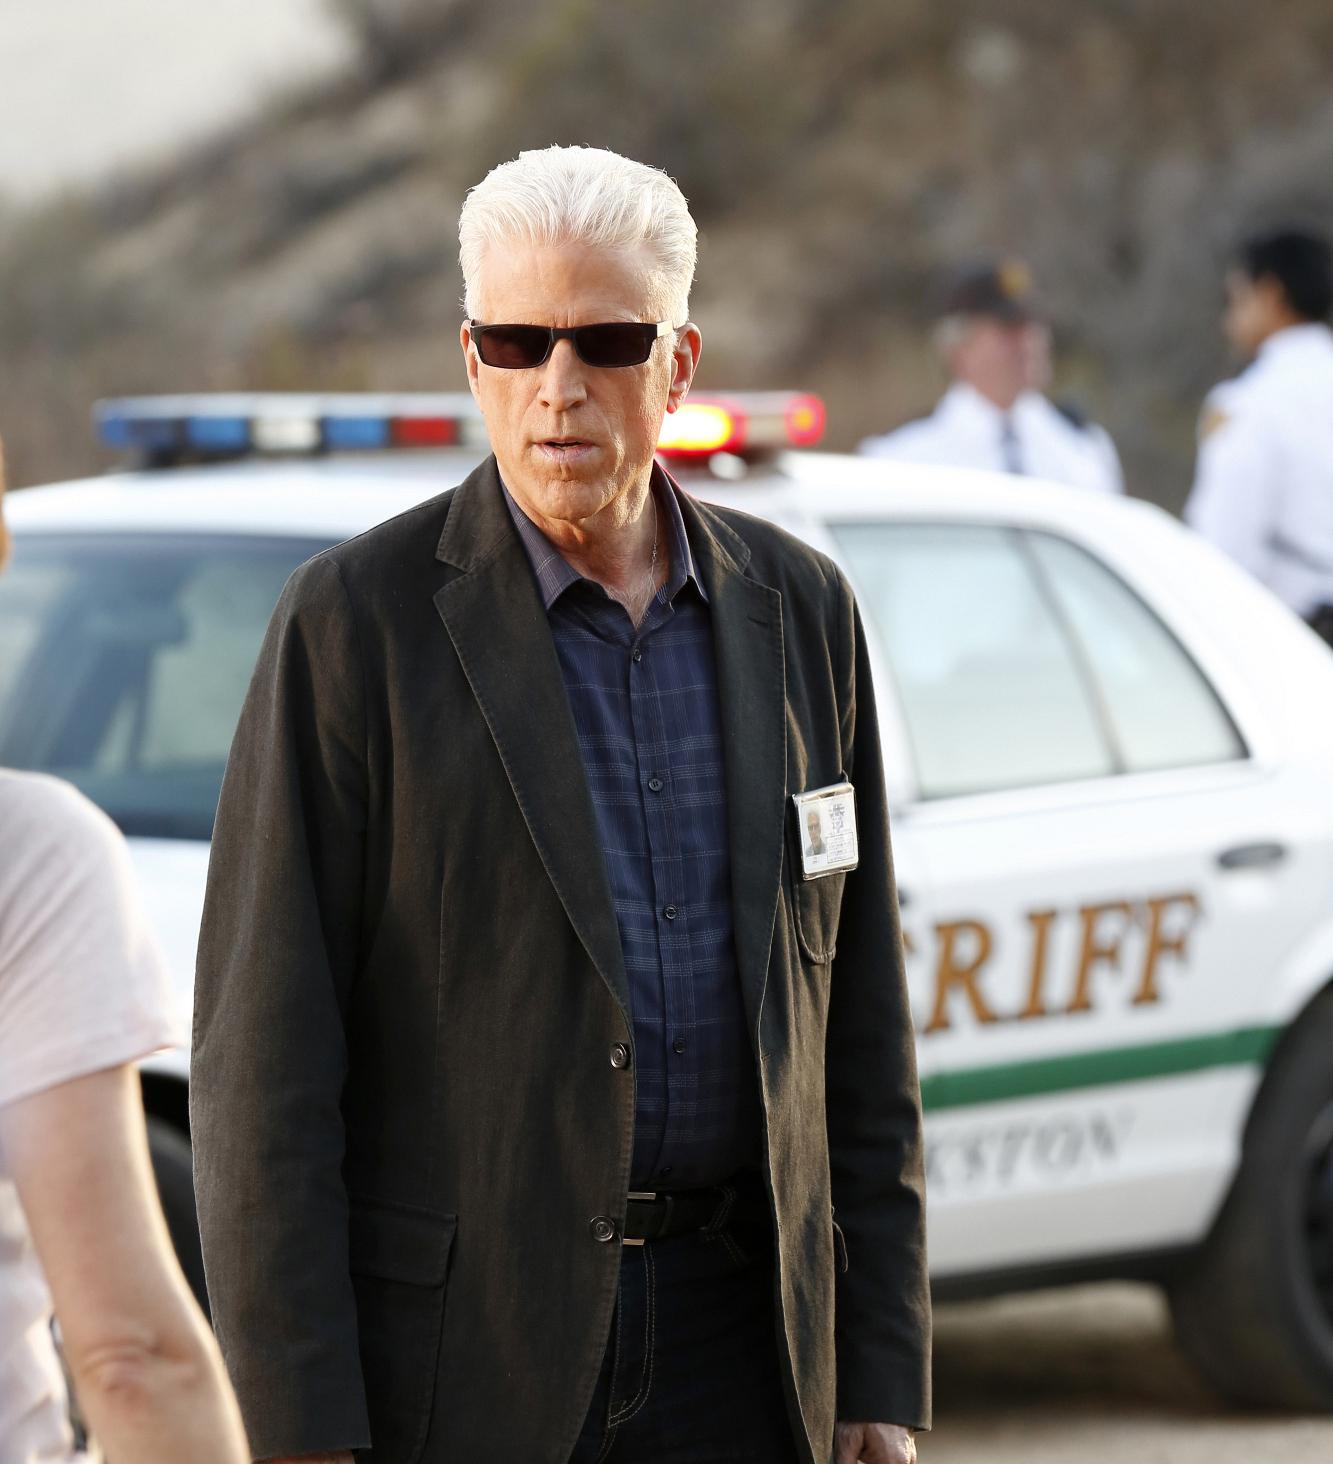 5. D.B. Russell - CSI: Crime Scene Investigation